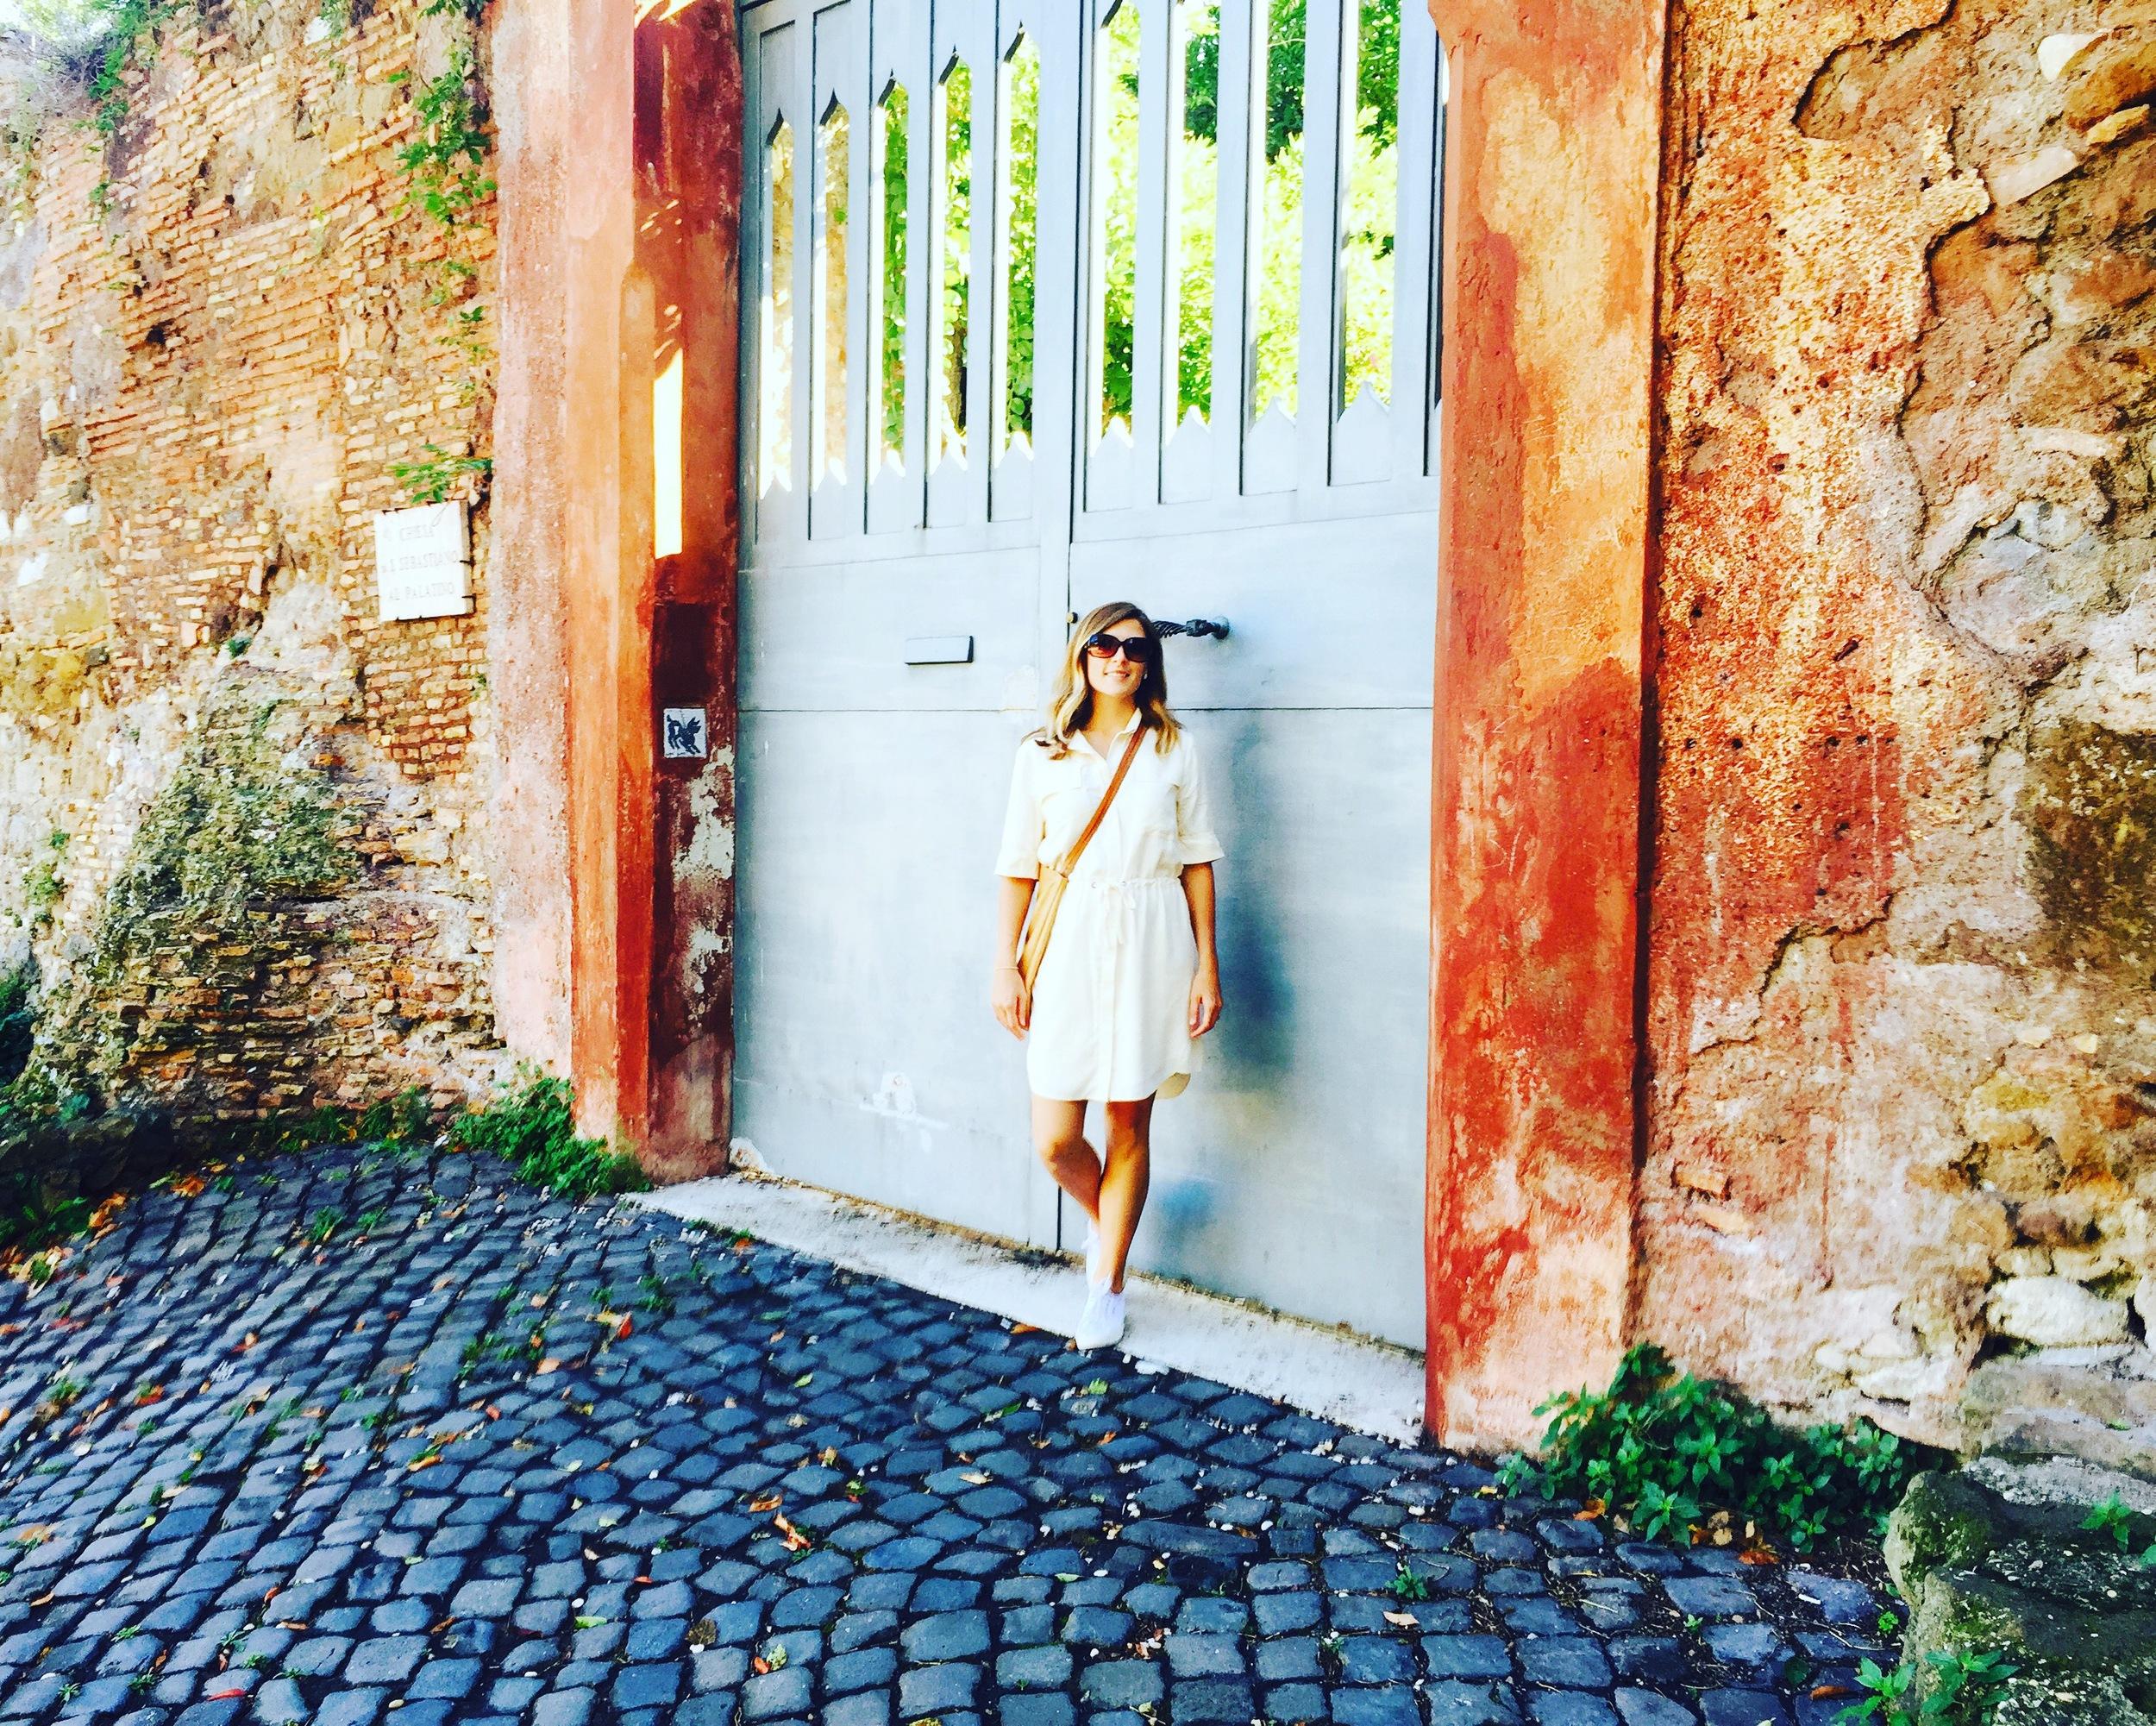 rome italy family travel vacation